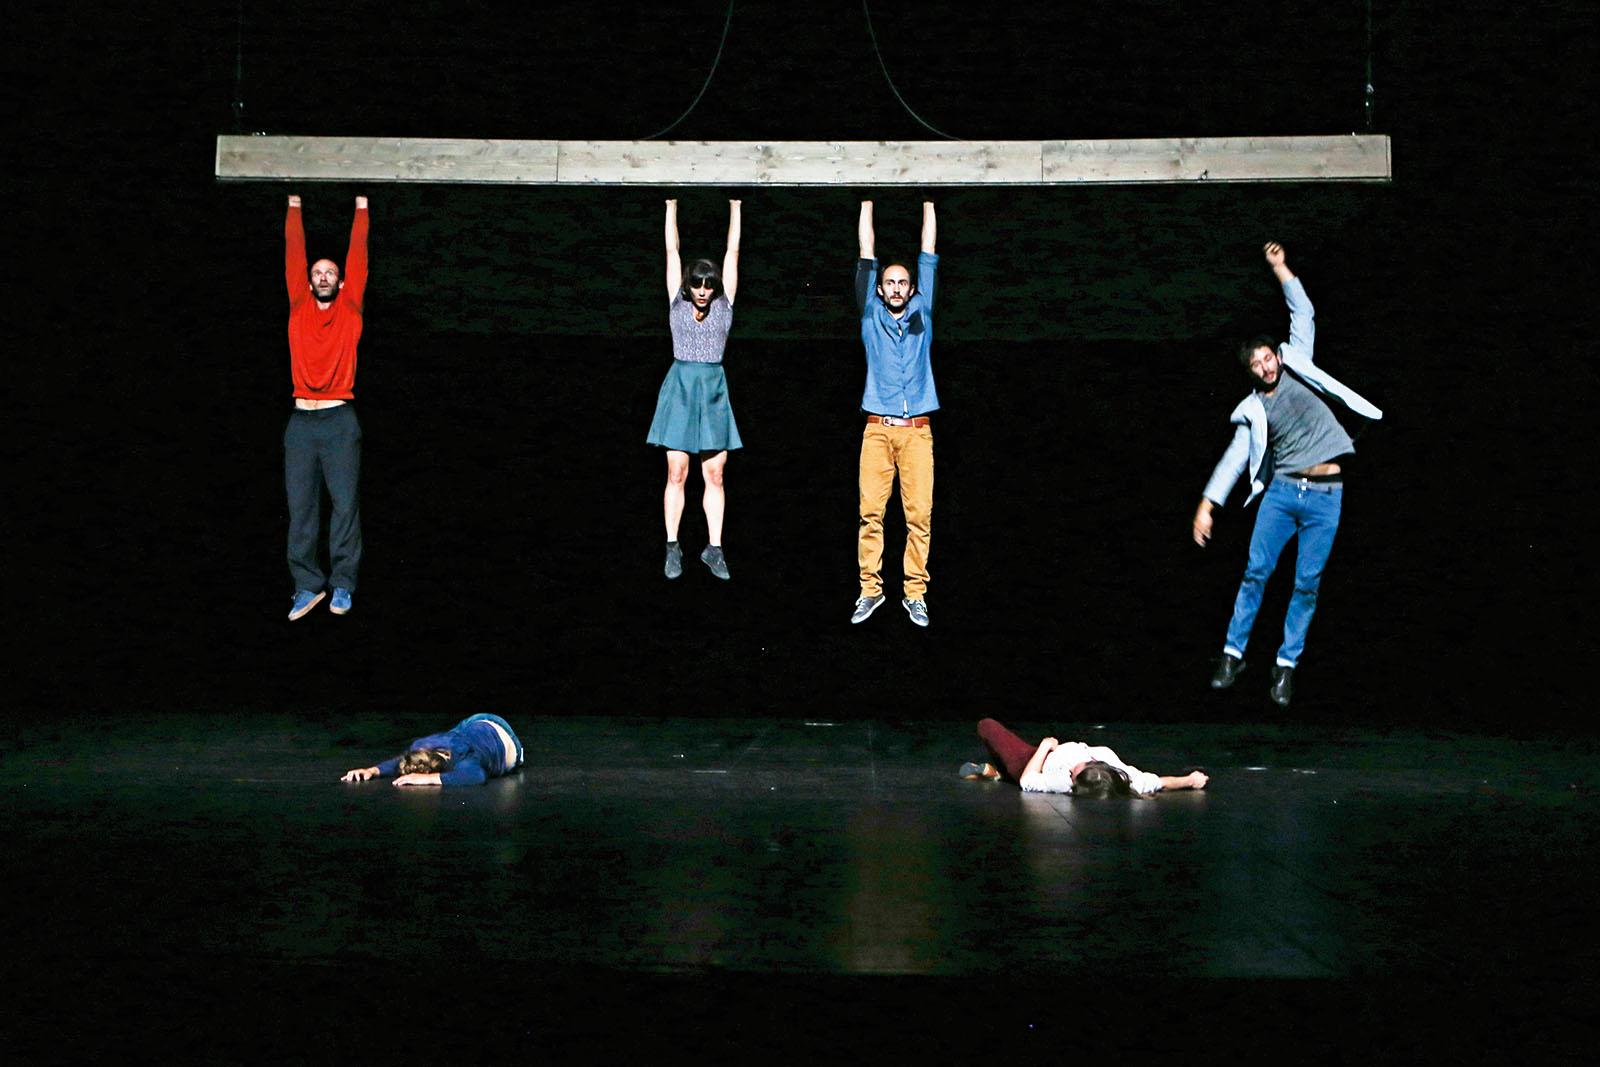 PÚBLICO - Seis corpos, uma instrução: manterem-se de pé